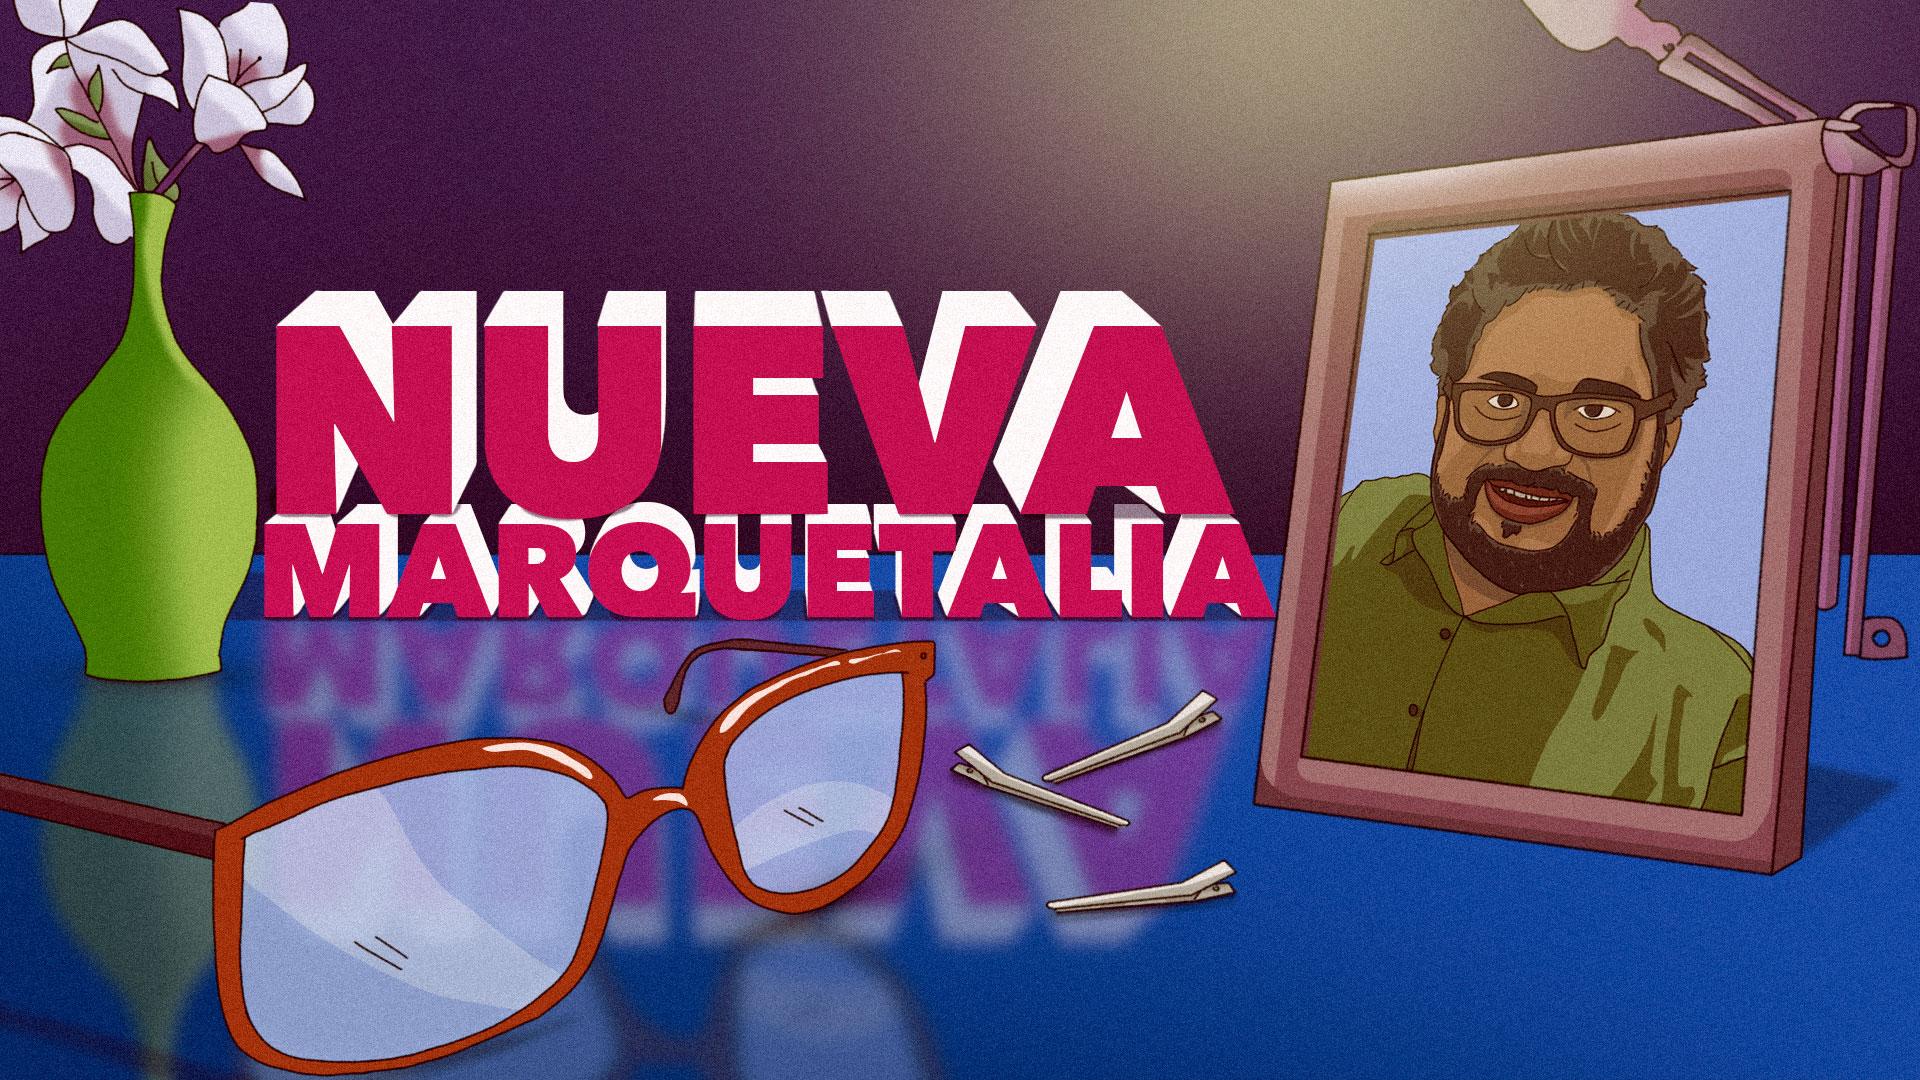 Betty la fea e Iván Márquez: cuando las segundas partes no salen bien